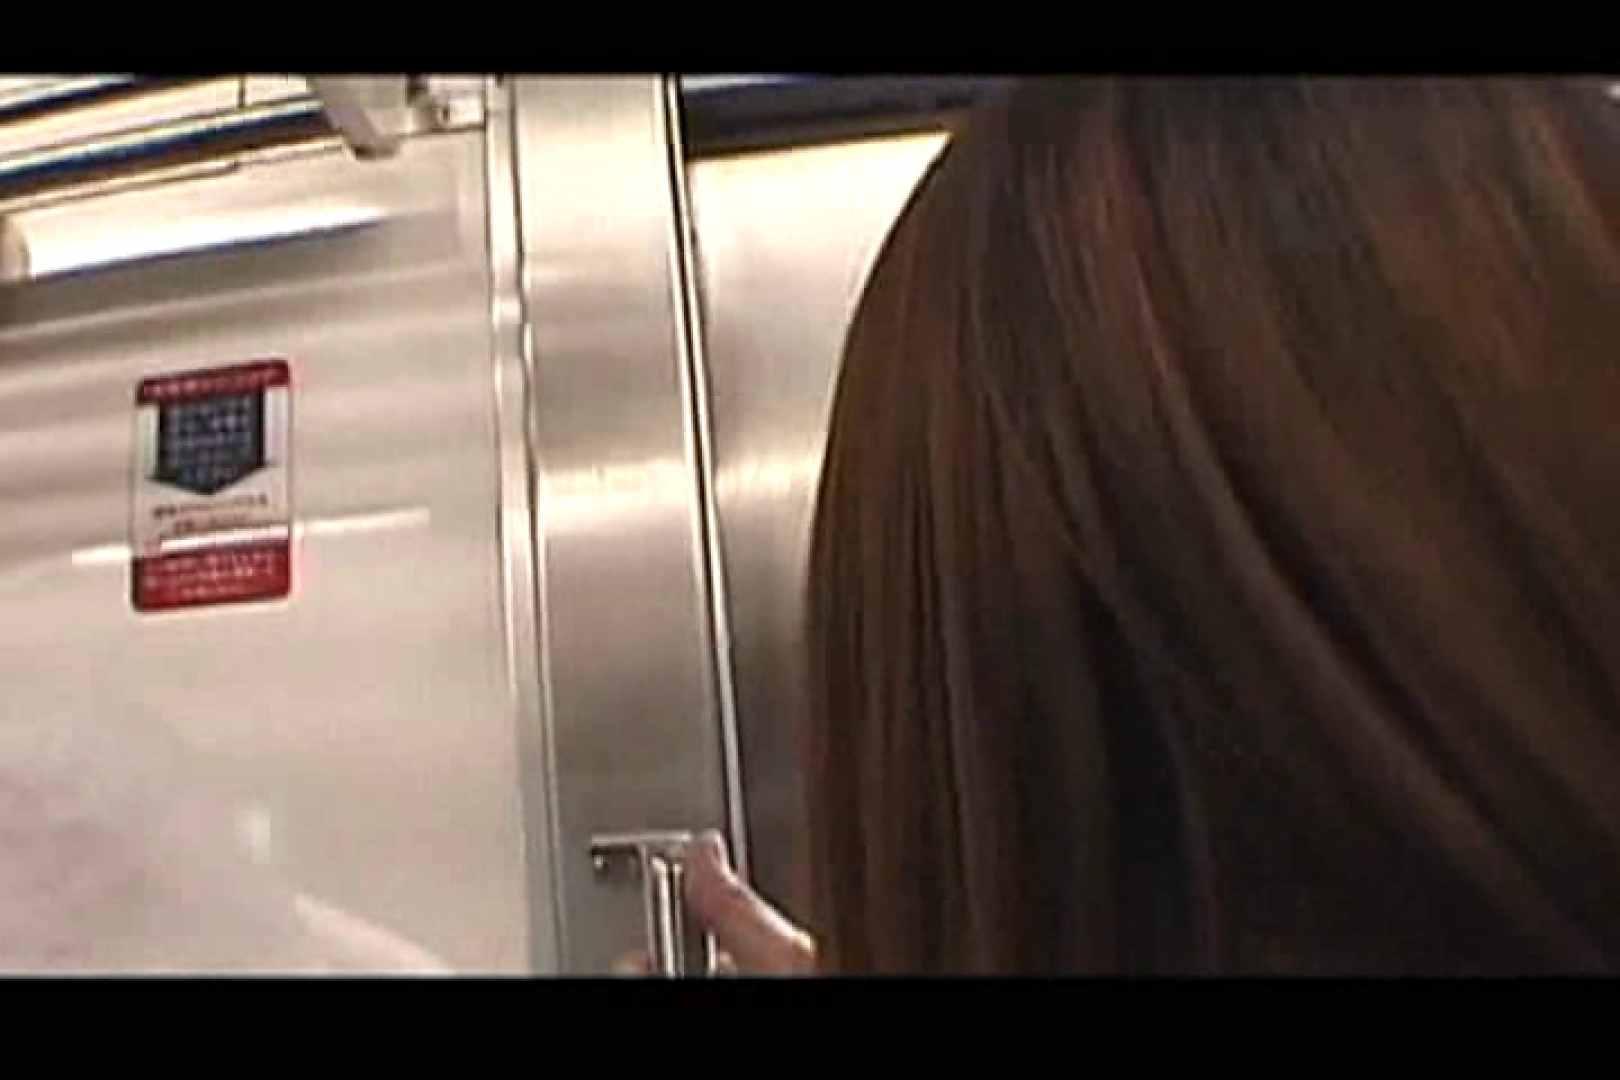 ぶっ掛け電車 只今運行中Vol.4 エッチなセックス エロ画像 65画像 14